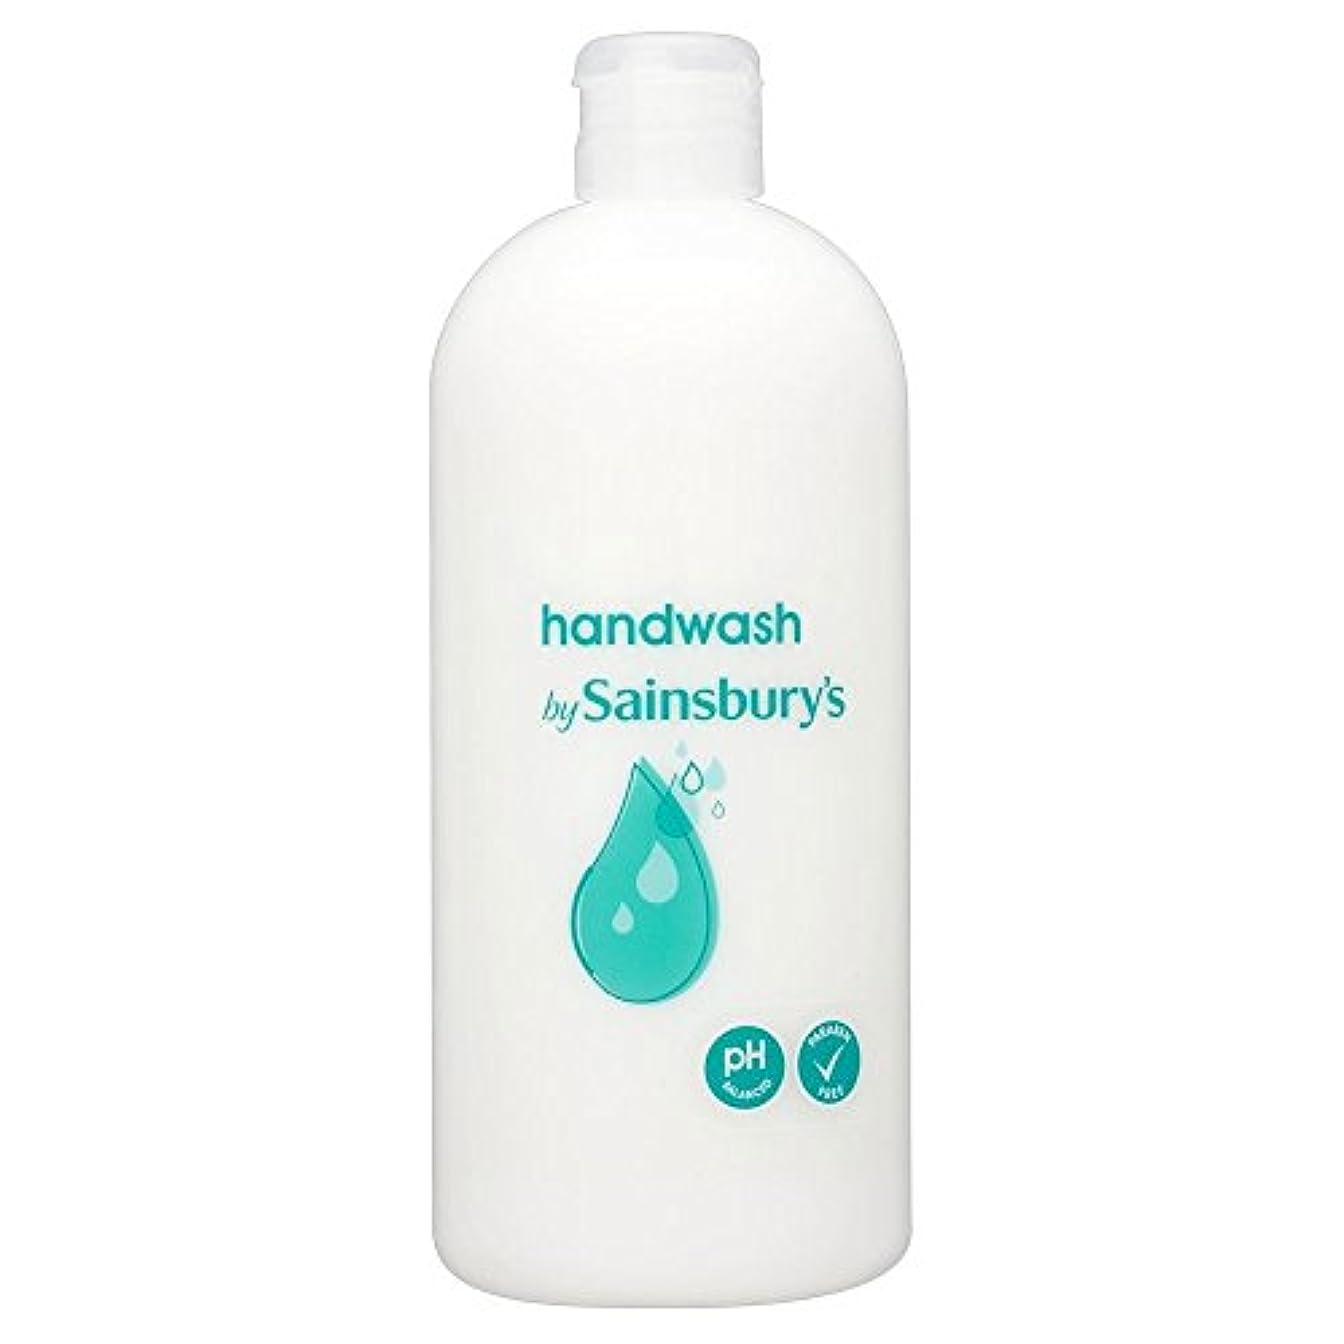 メディア幸運なことにバックグラウンドSainsbury's Handwash, White Refill 500ml (Pack of 2) - (Sainsbury's) 手洗い、白リフィル500ミリリットル (x2) [並行輸入品]